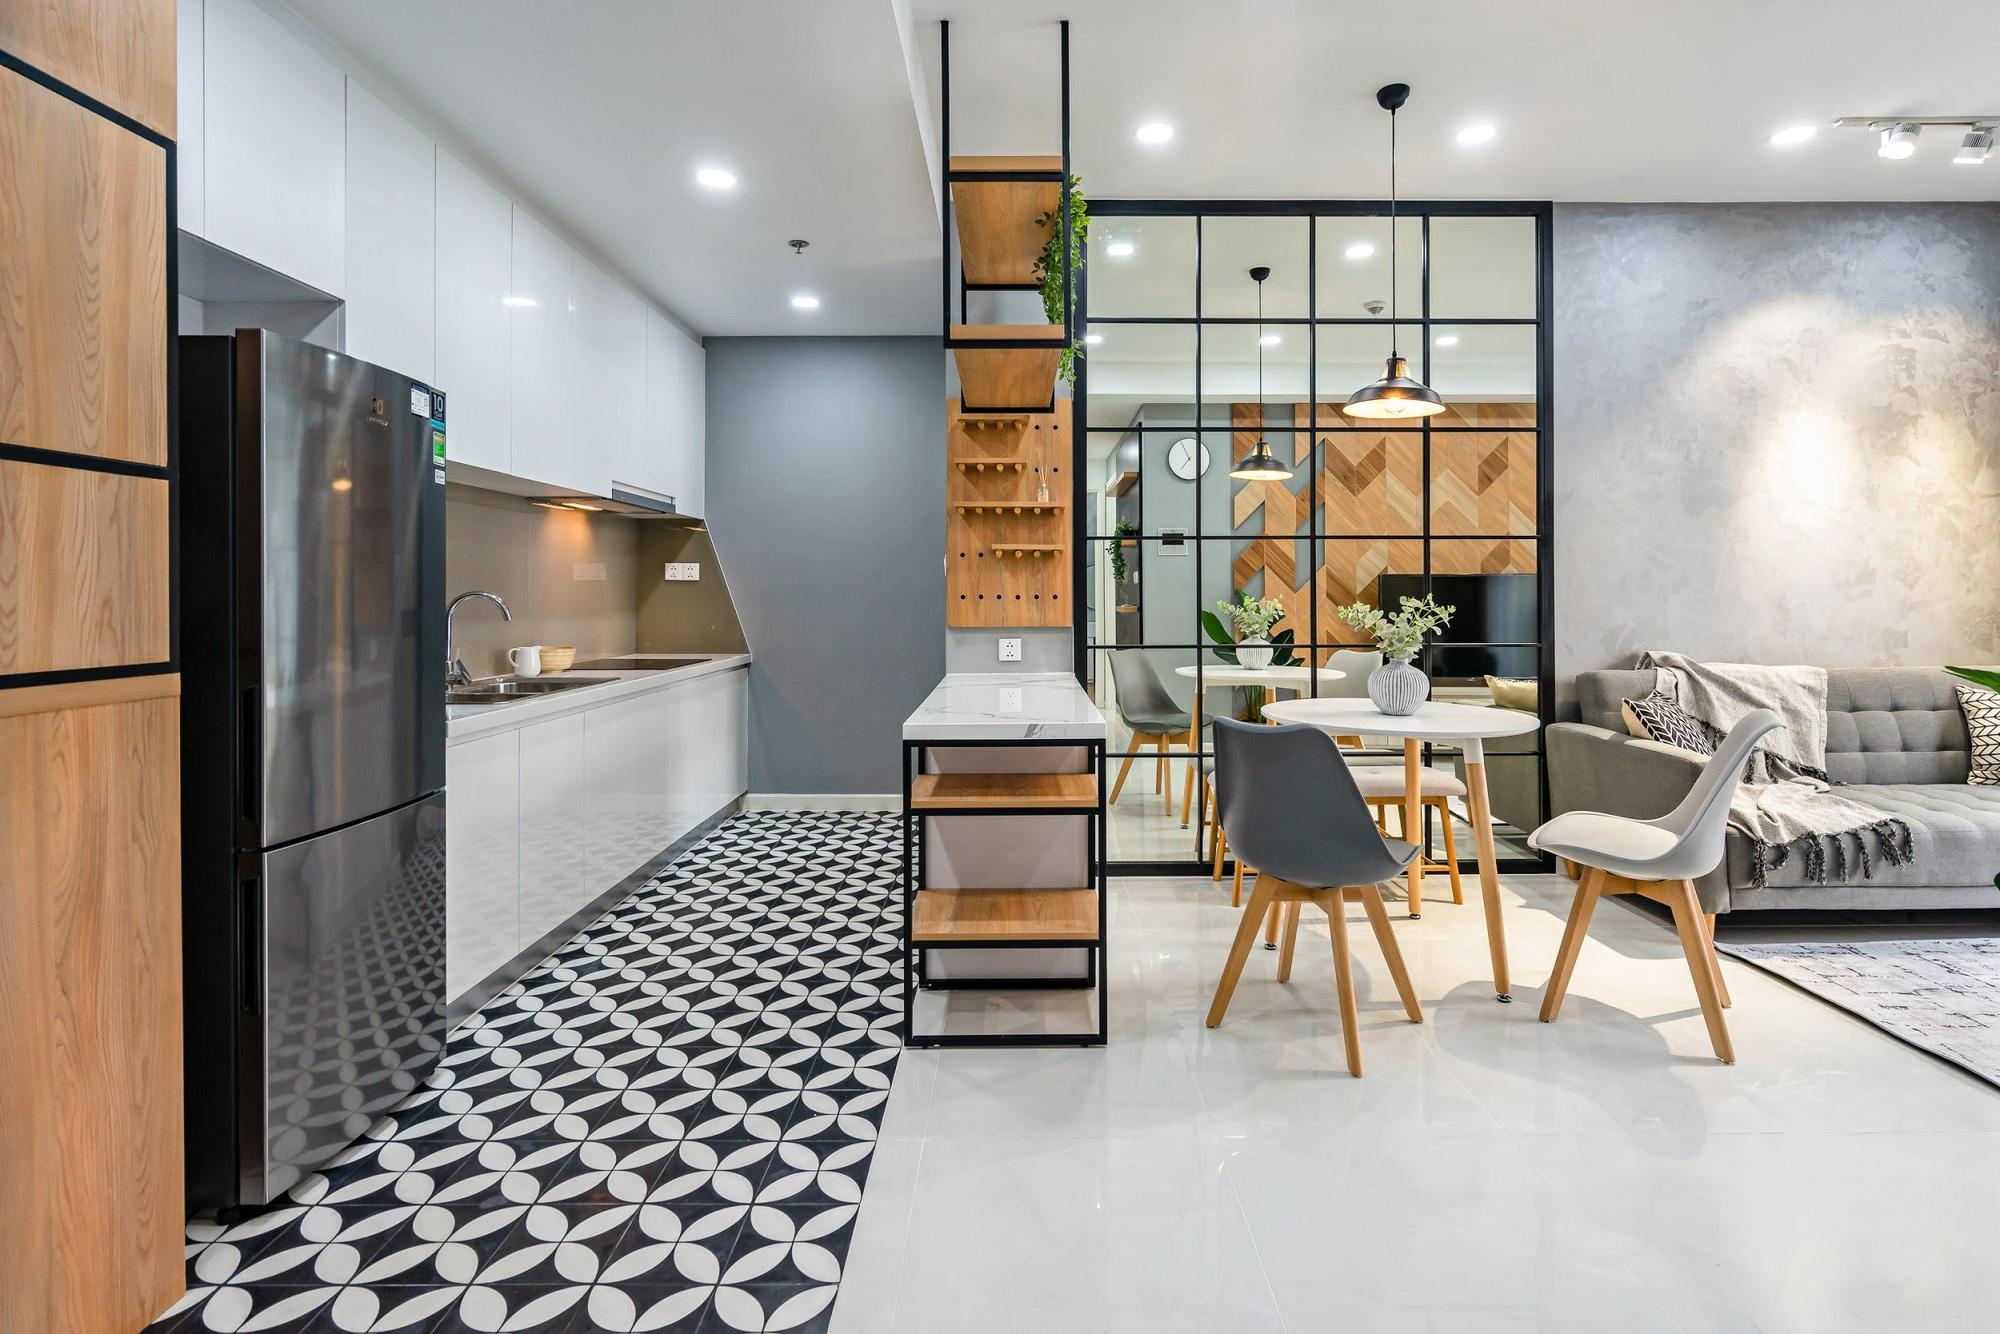 Industrial Style - Gợi ý không thể bỏ qua cho người thích không gian sống mộc mạc - Ảnh 7.